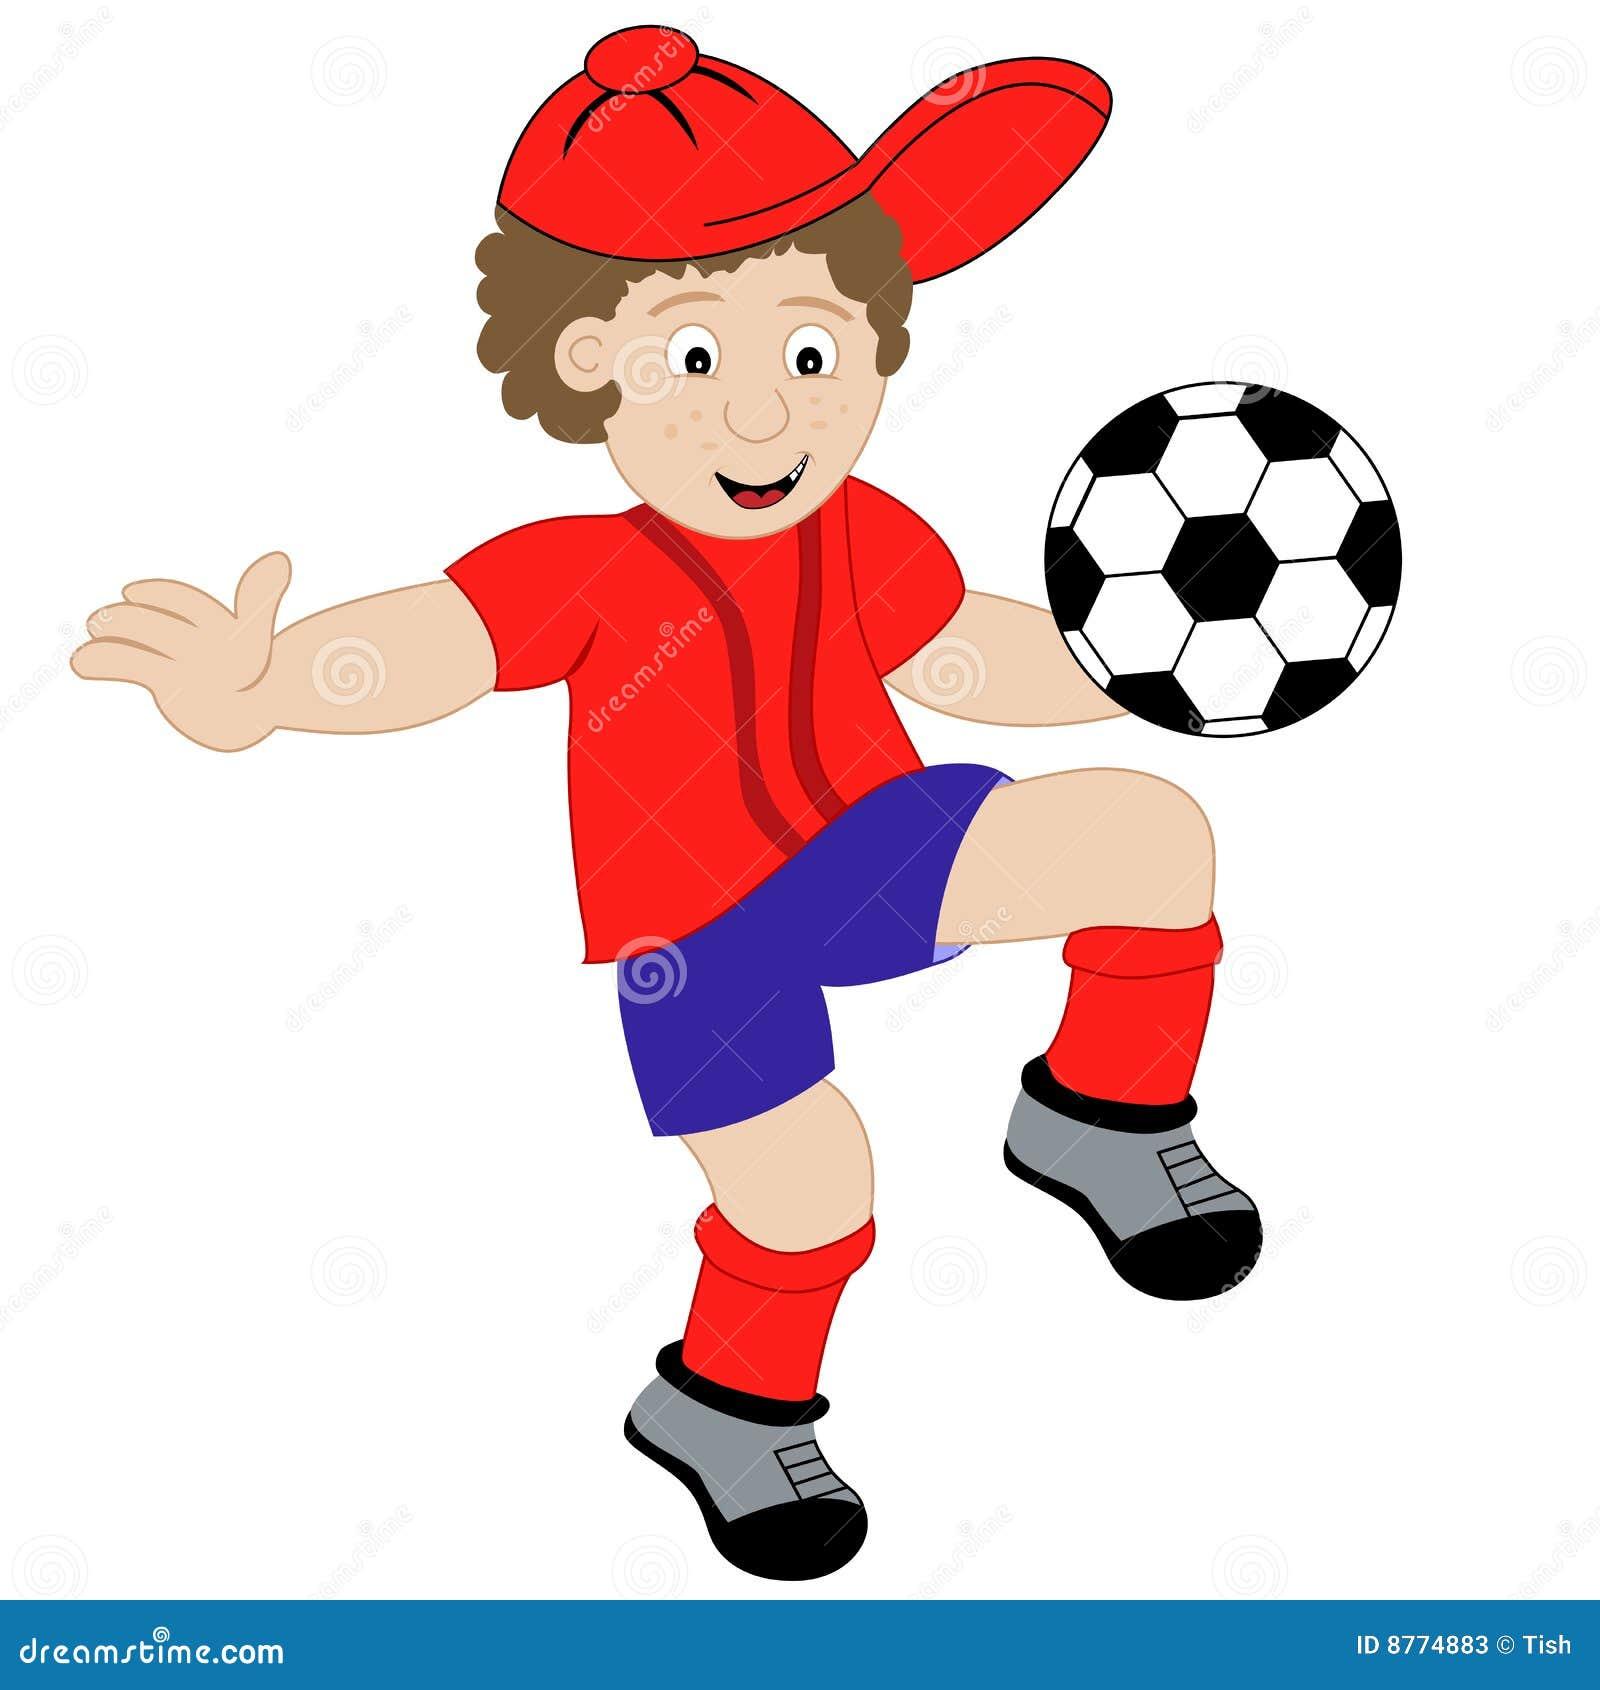 Kid N Play Cartoon Characters : Cartoon boy playing football stock photos image